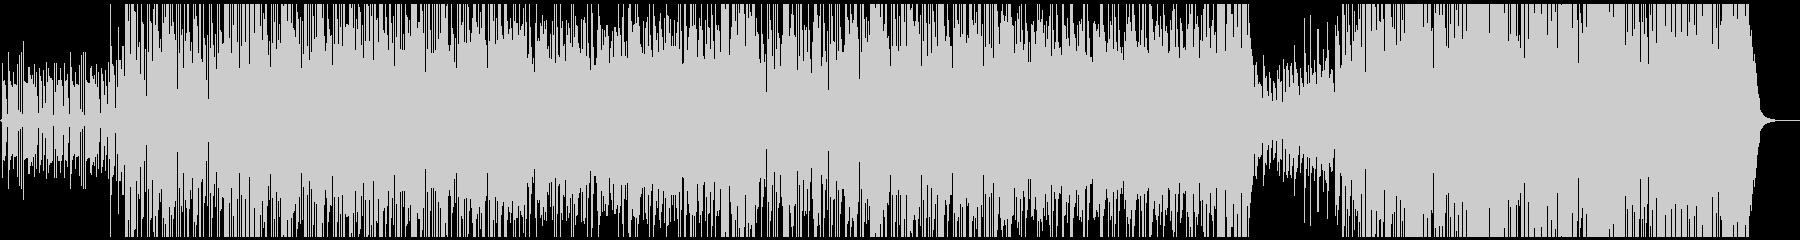 サルサ満載のラテンロックの未再生の波形